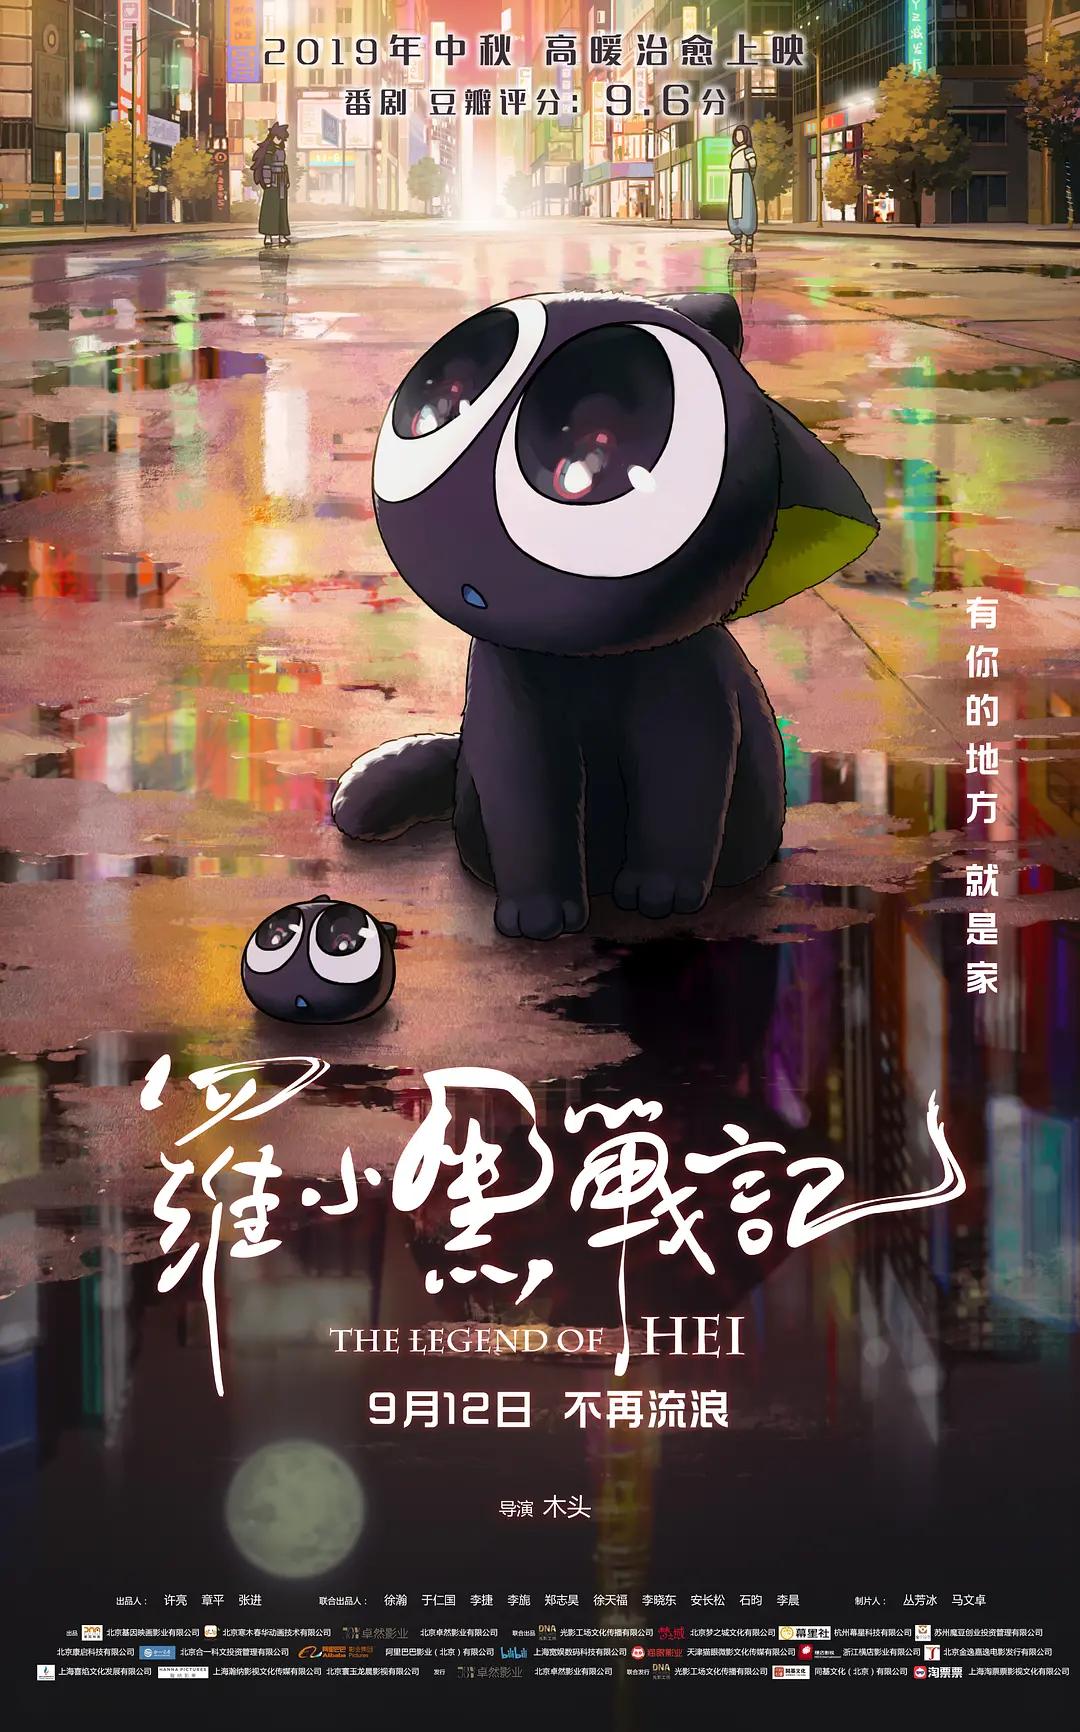 本周看什么:「海王」主演《看见》公布预告,《名侦探柯南:绀青之拳》正式上映